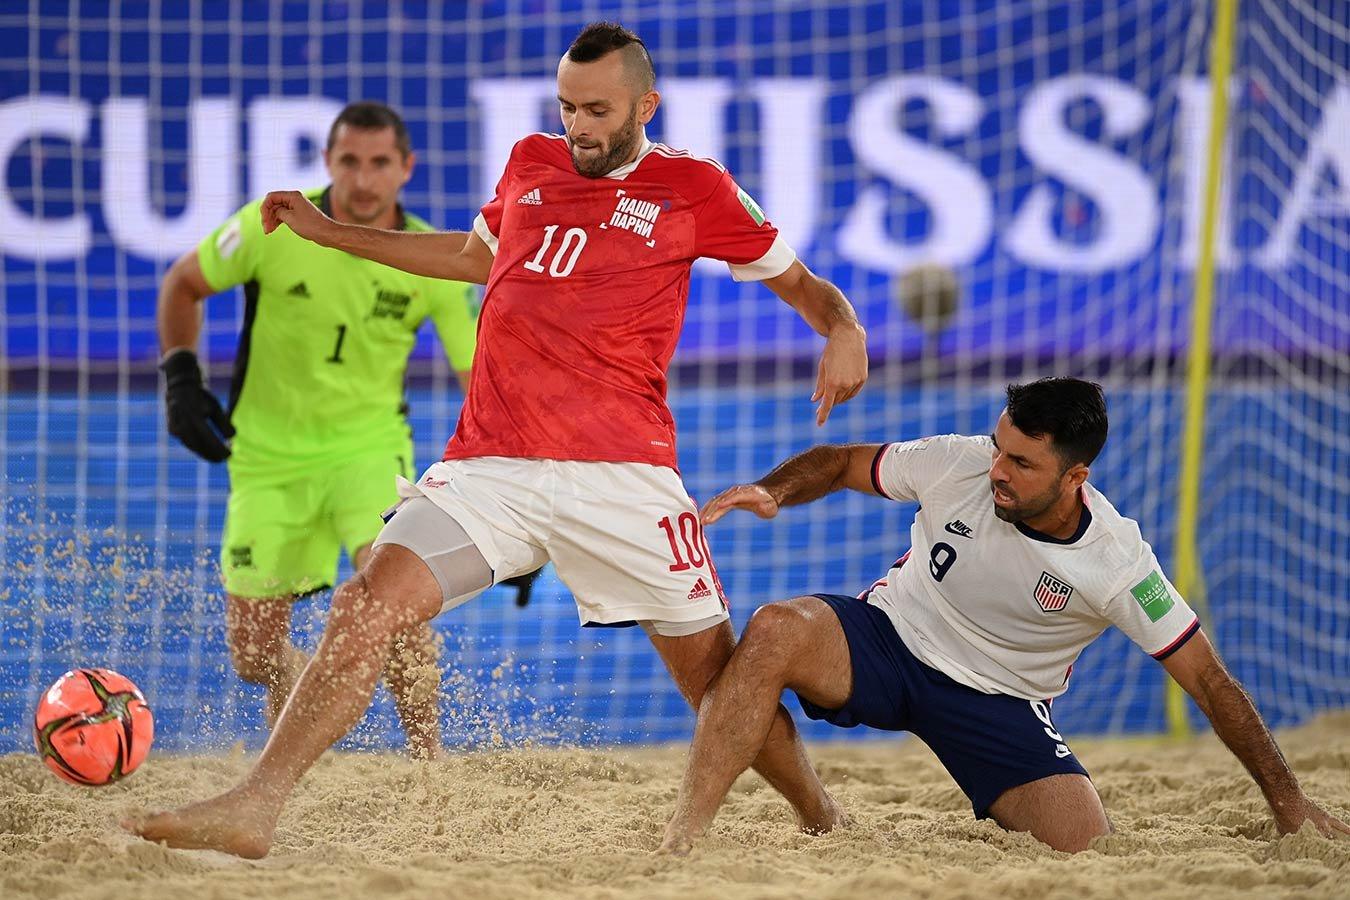 Сборная России стартовала на чемпионате мира по пляжному футболу с победы над США